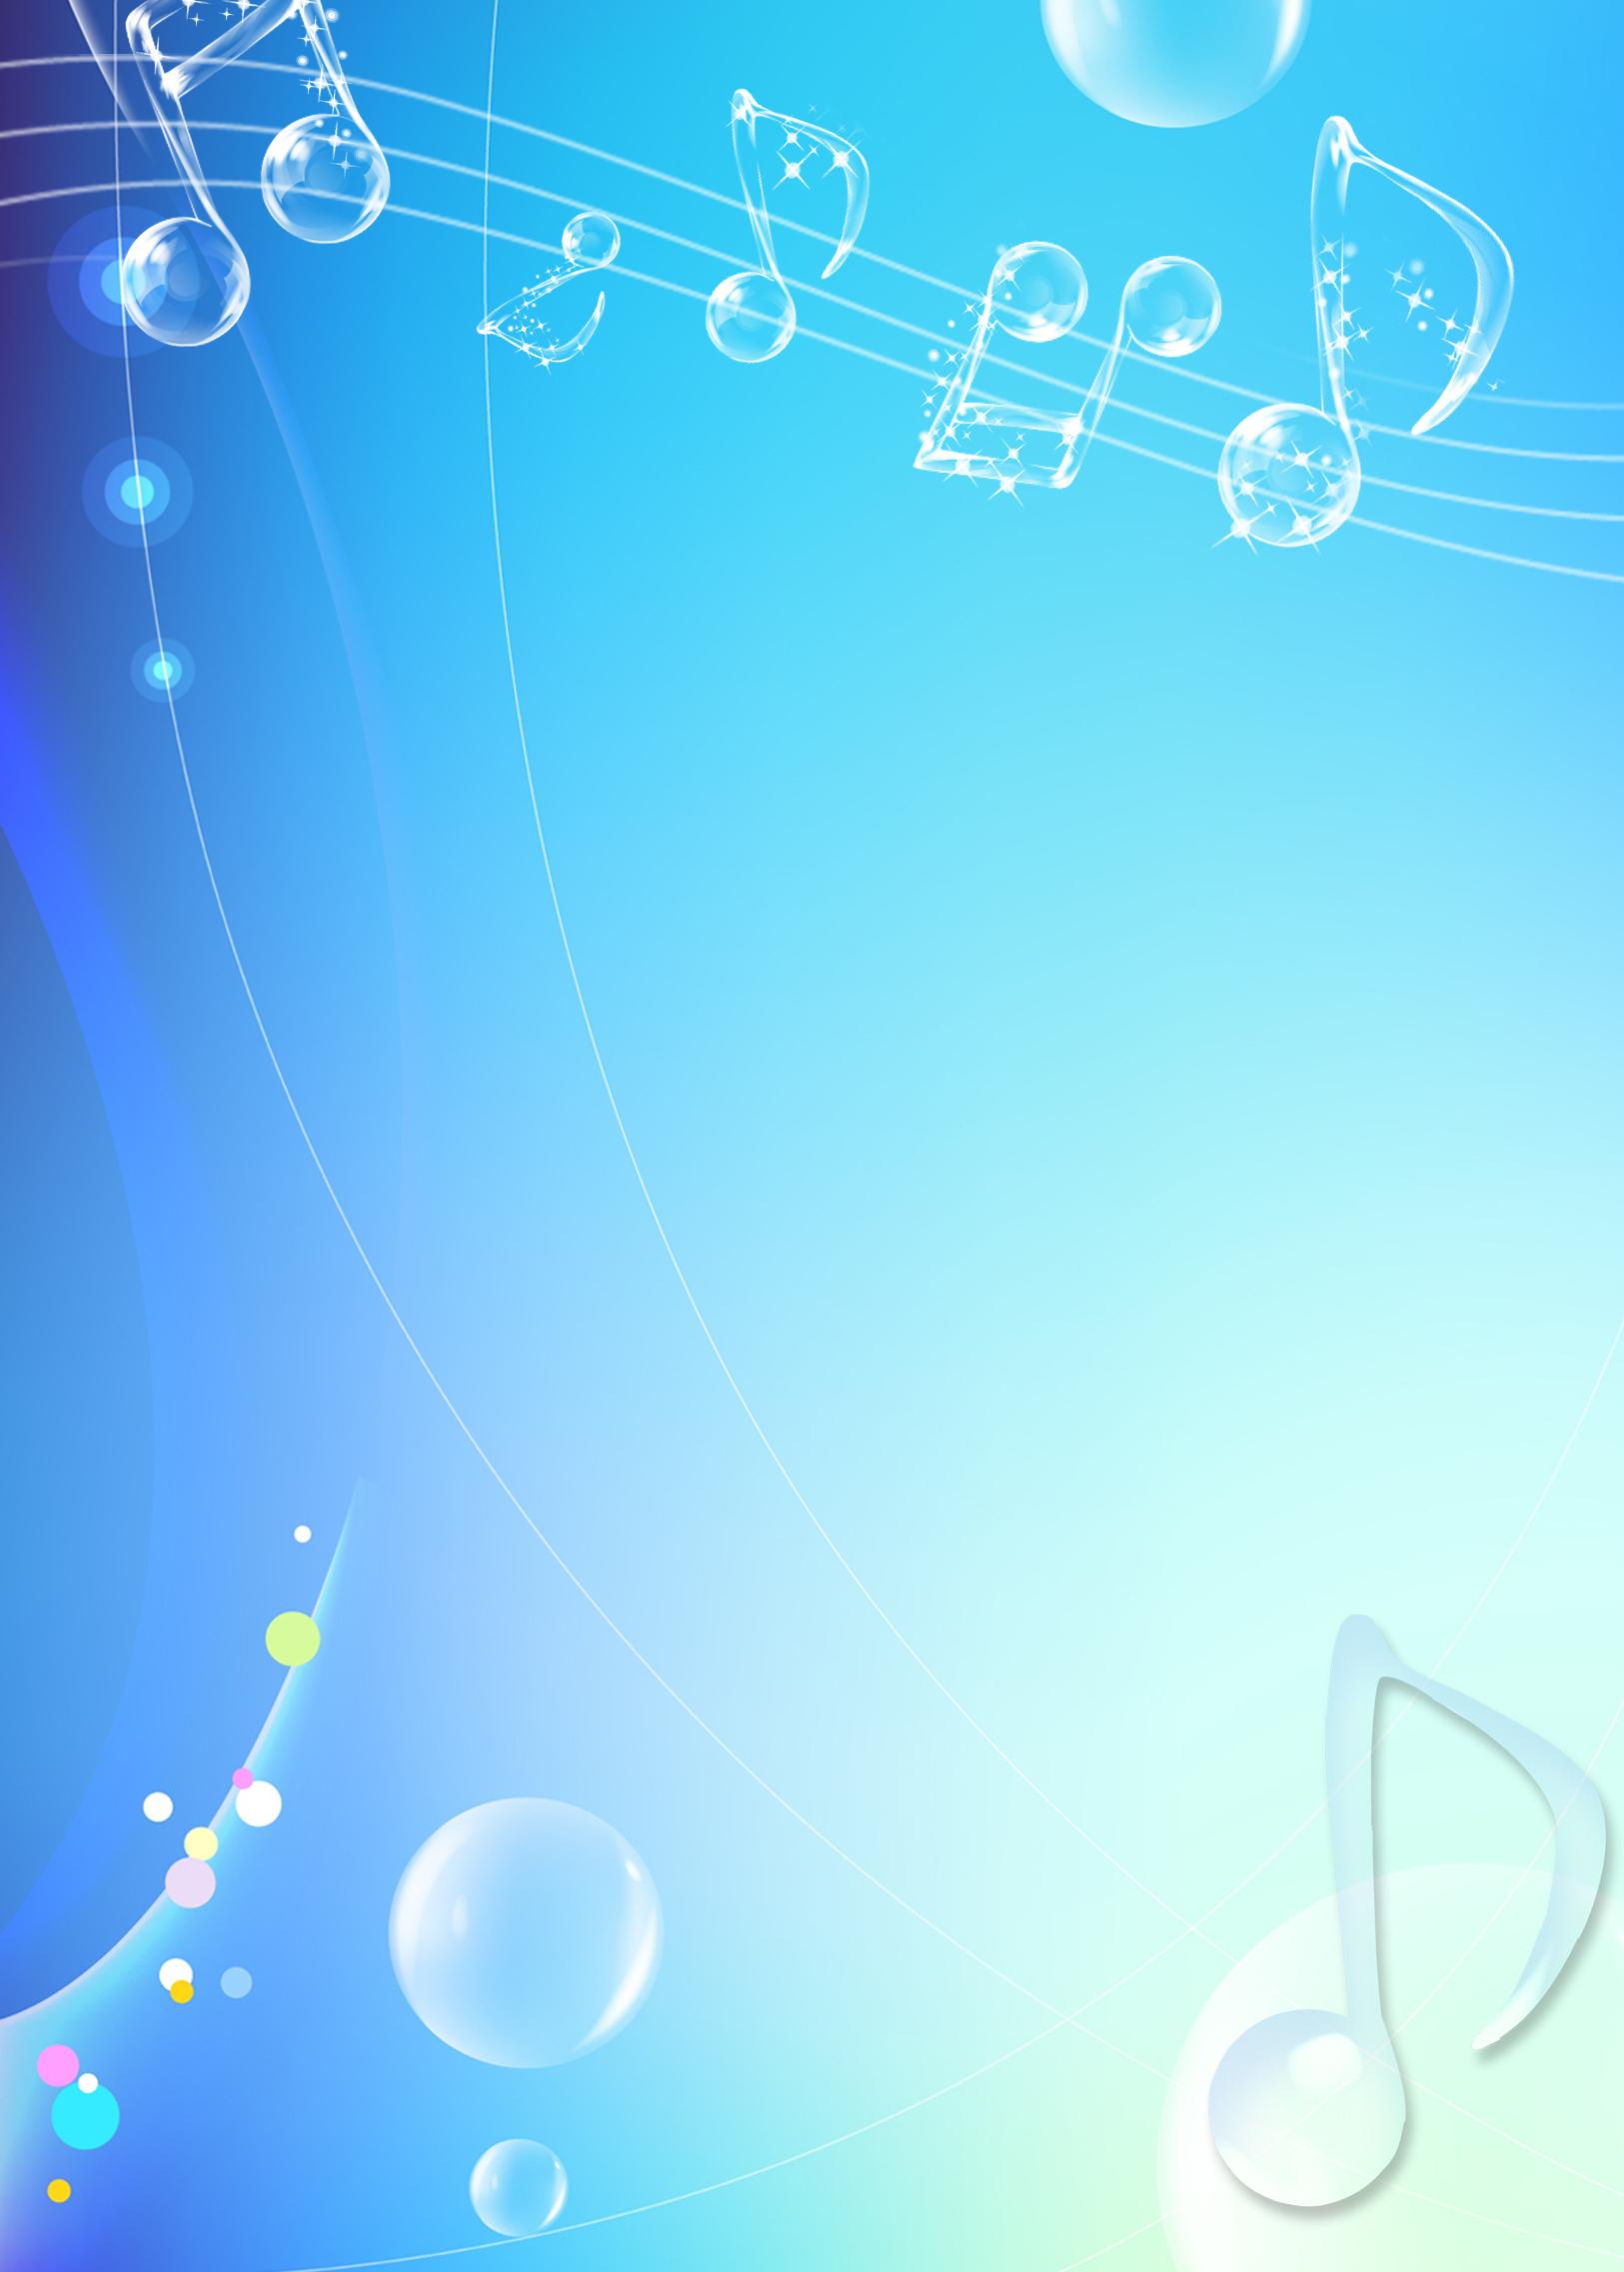 Музыка Для Поздравления скачать музыку бесплатно и слушать 40